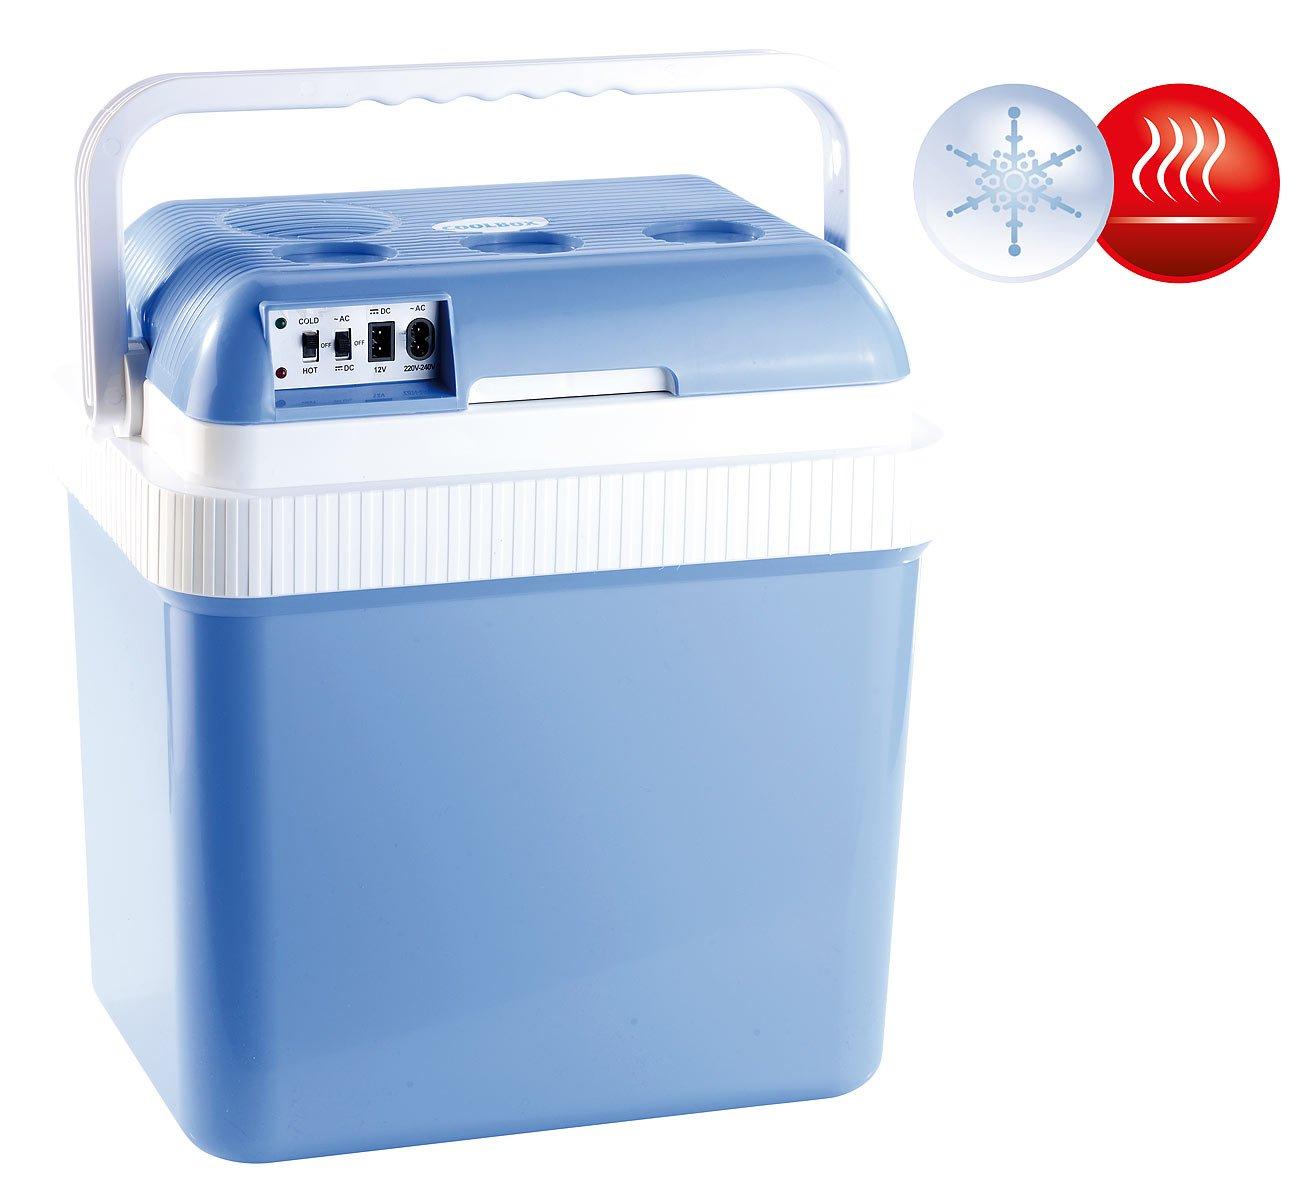 Xcase Thermoelektrische Kühl- und Wärmebox, 24 l, 12 & 230 V Anschluss